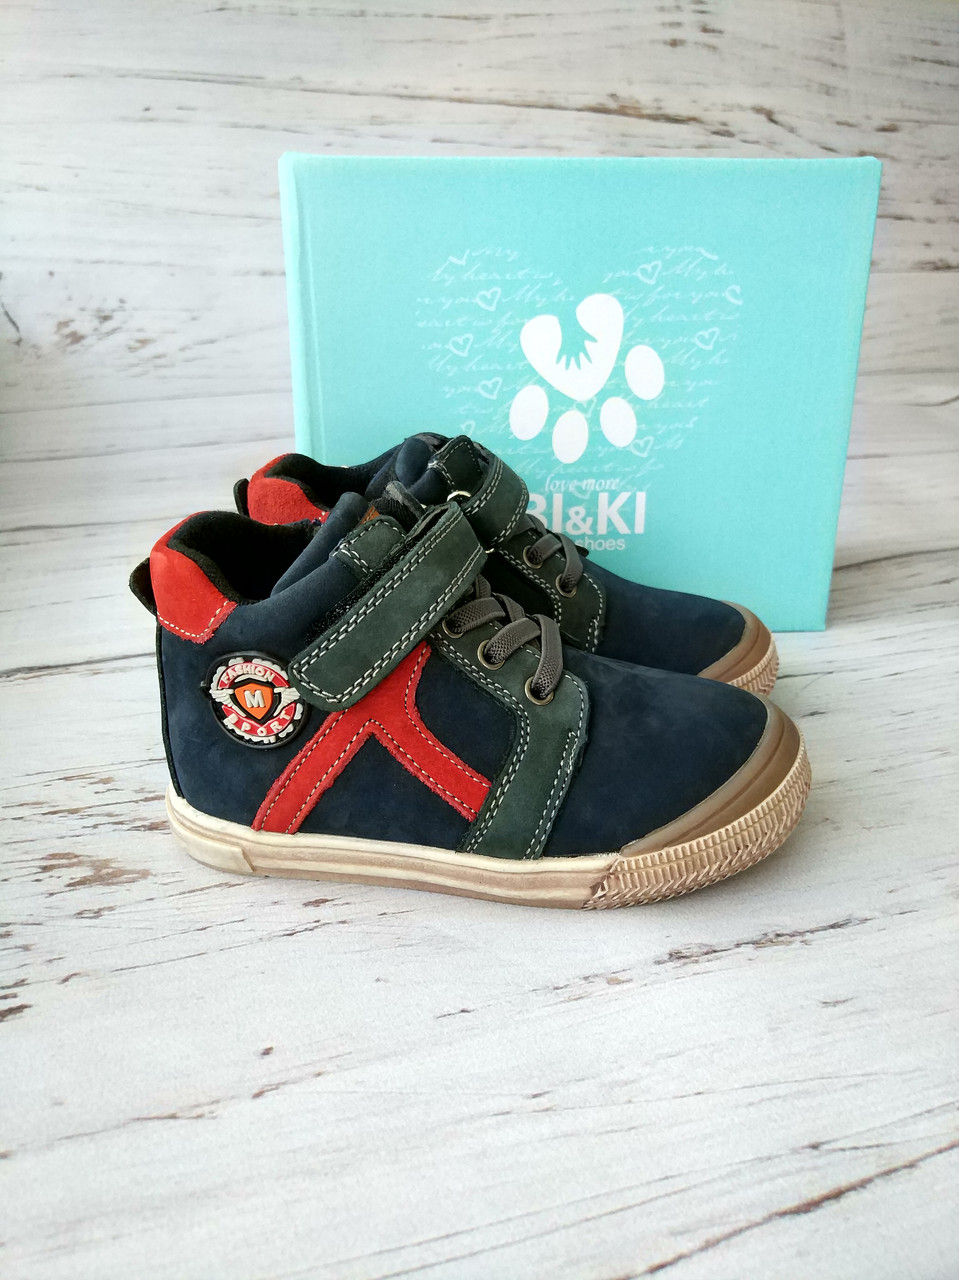 Стильные ботинки для мальчиков Bi&Ki 26р, 16.5см